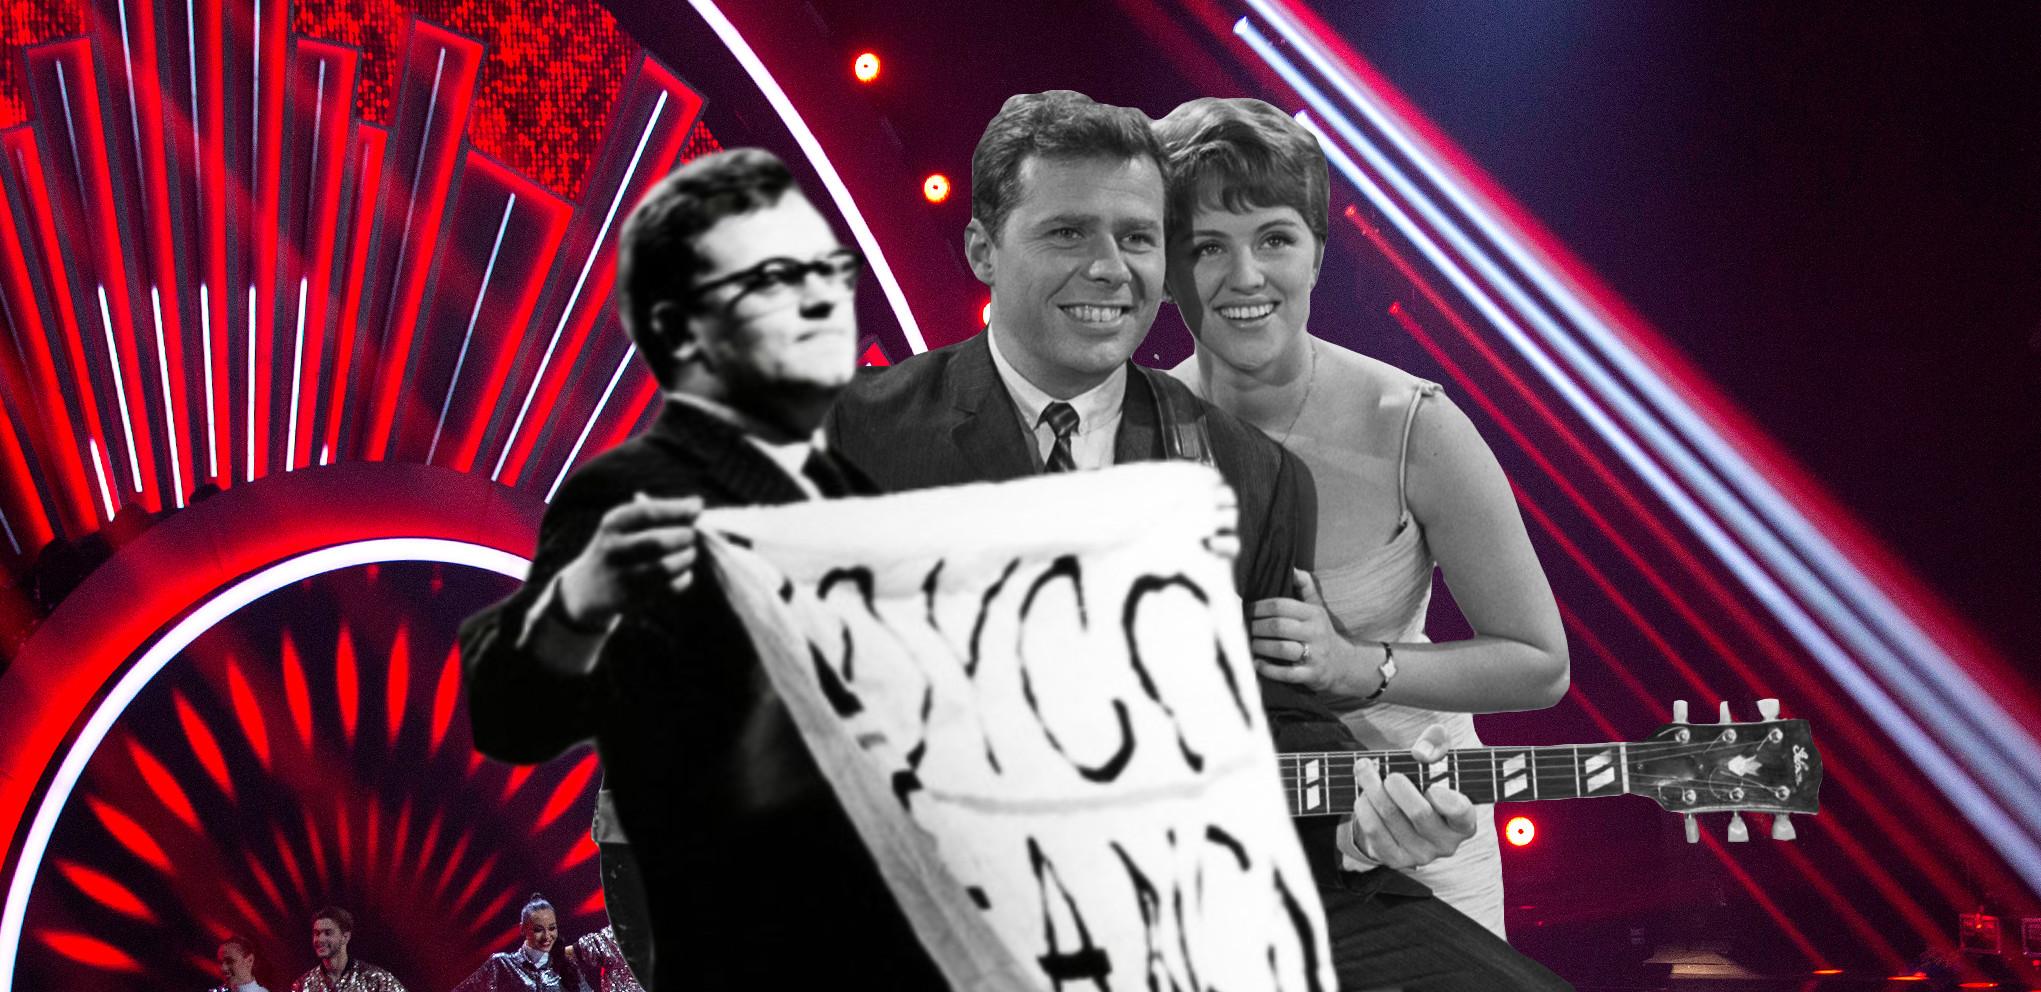 eurovision_og_politik_0.jpg